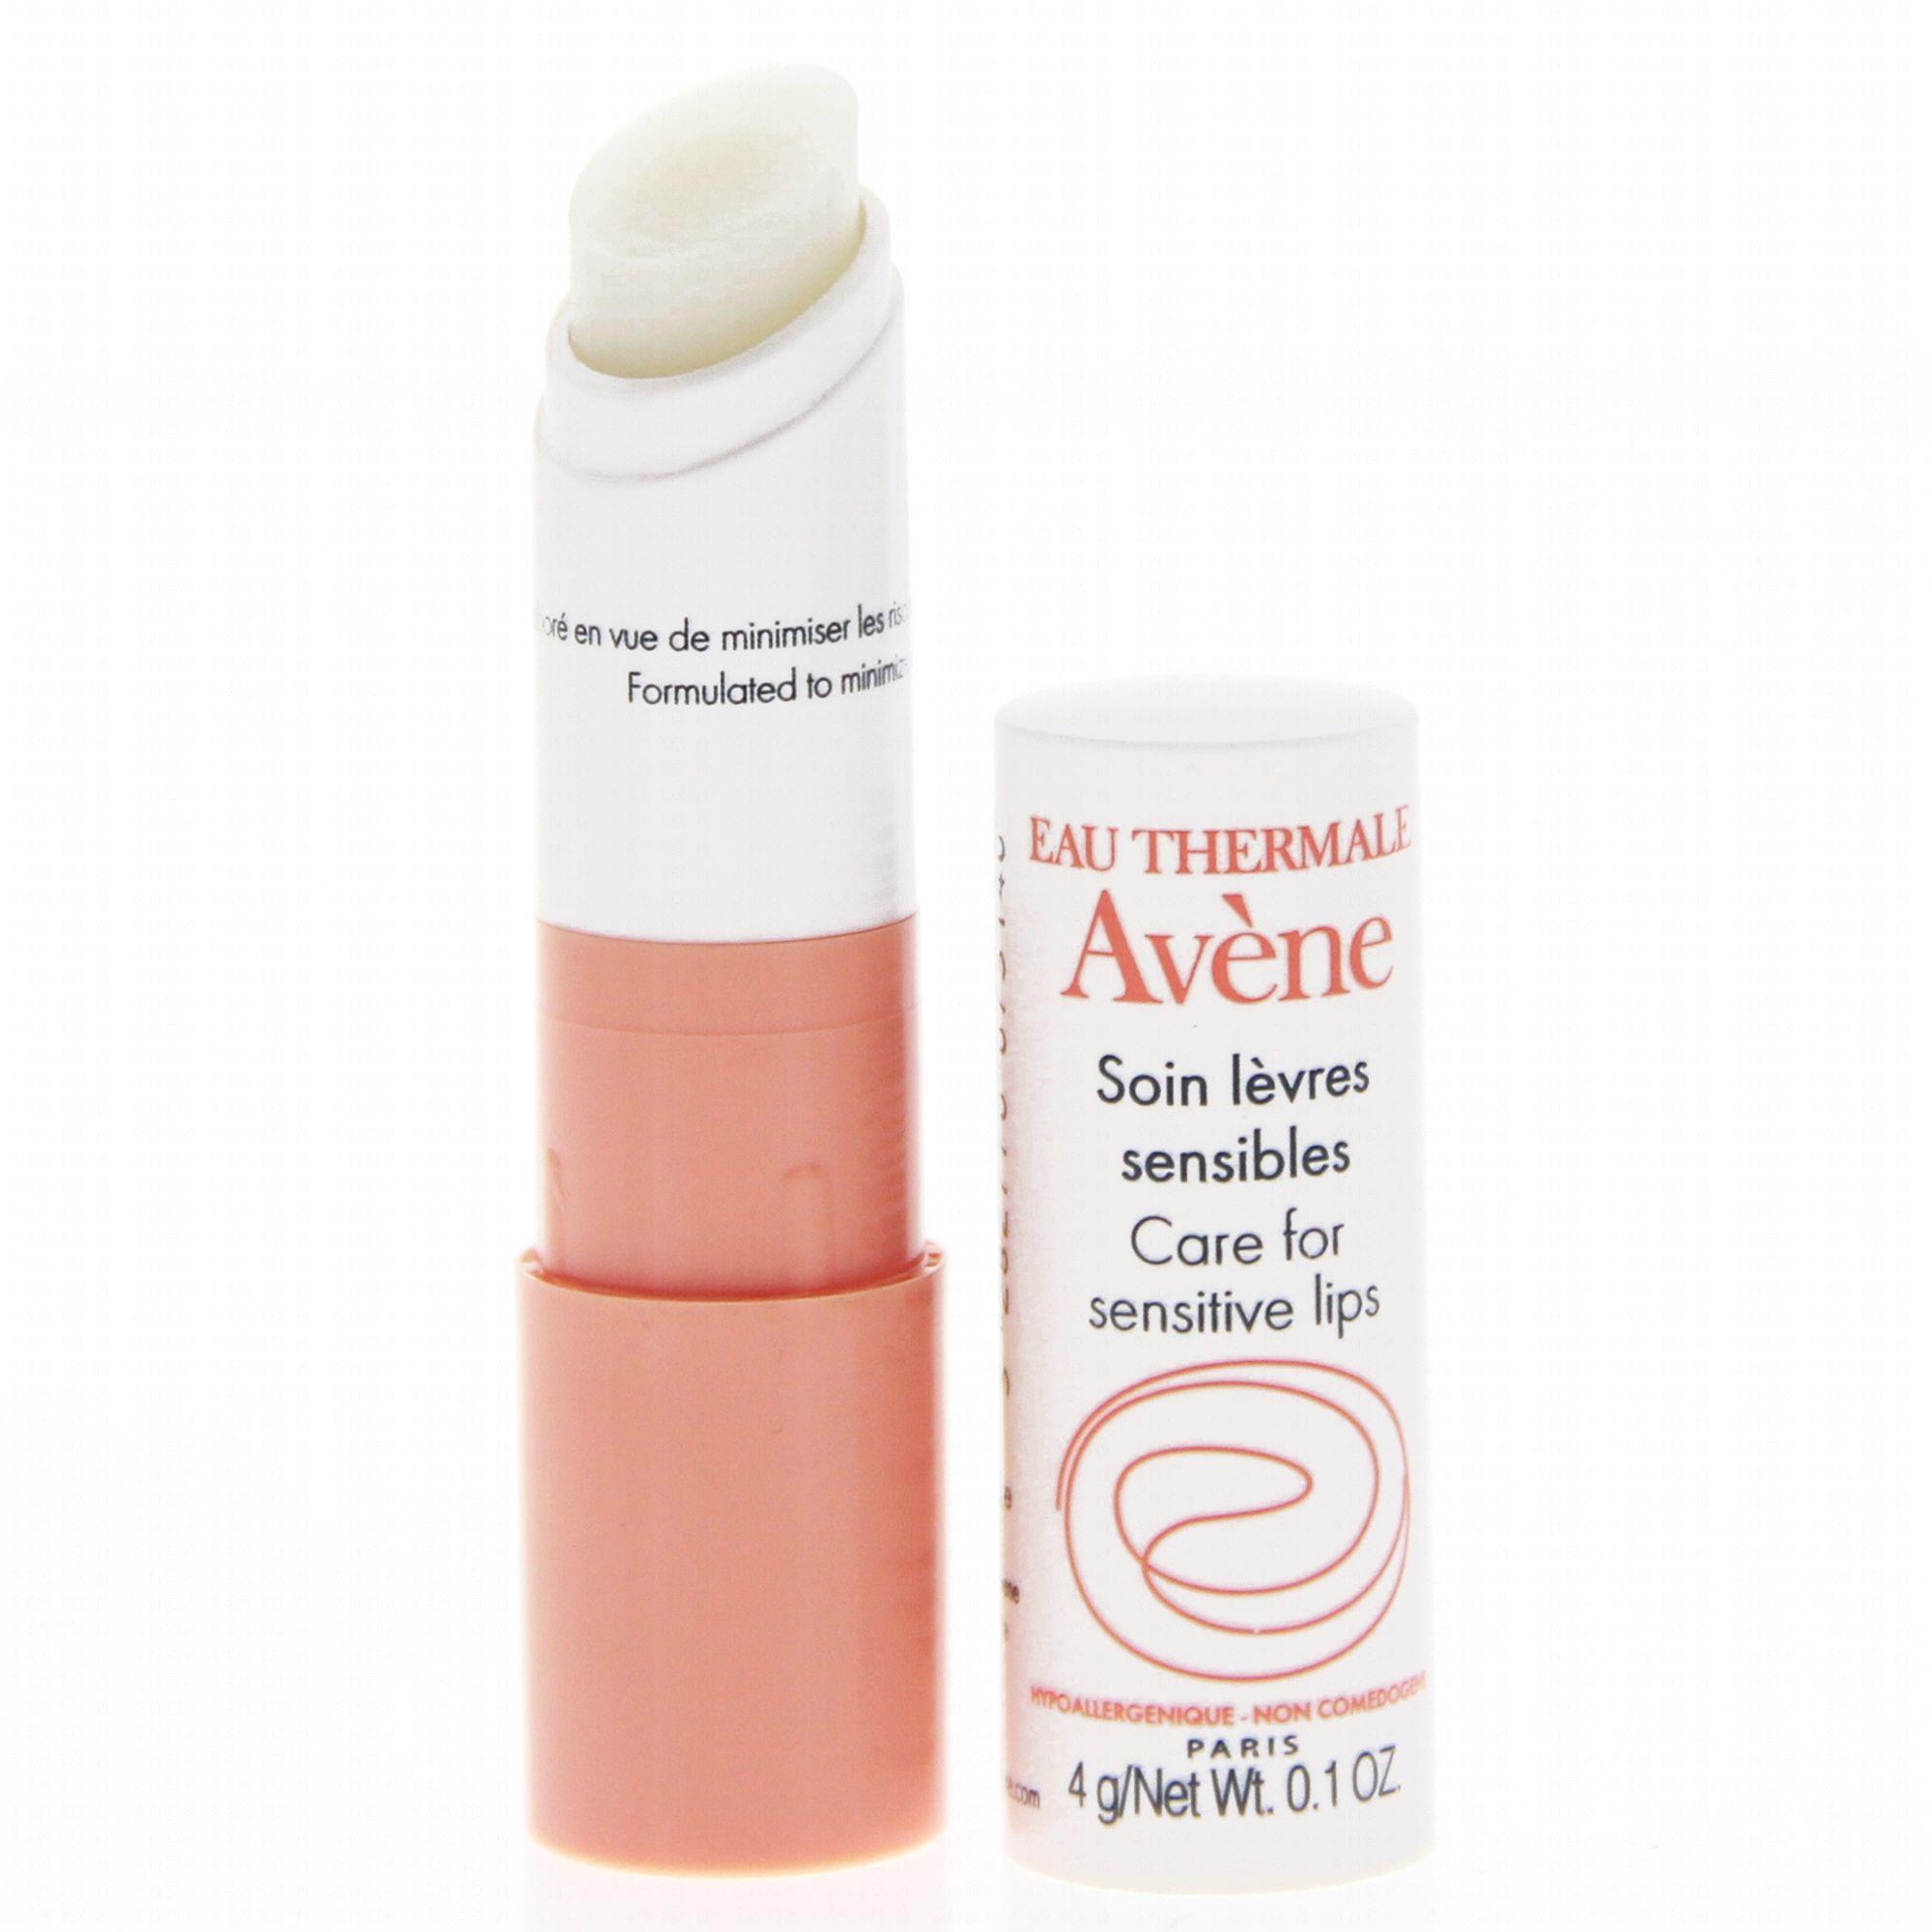 Avene  Soin lèvres sensibles stick